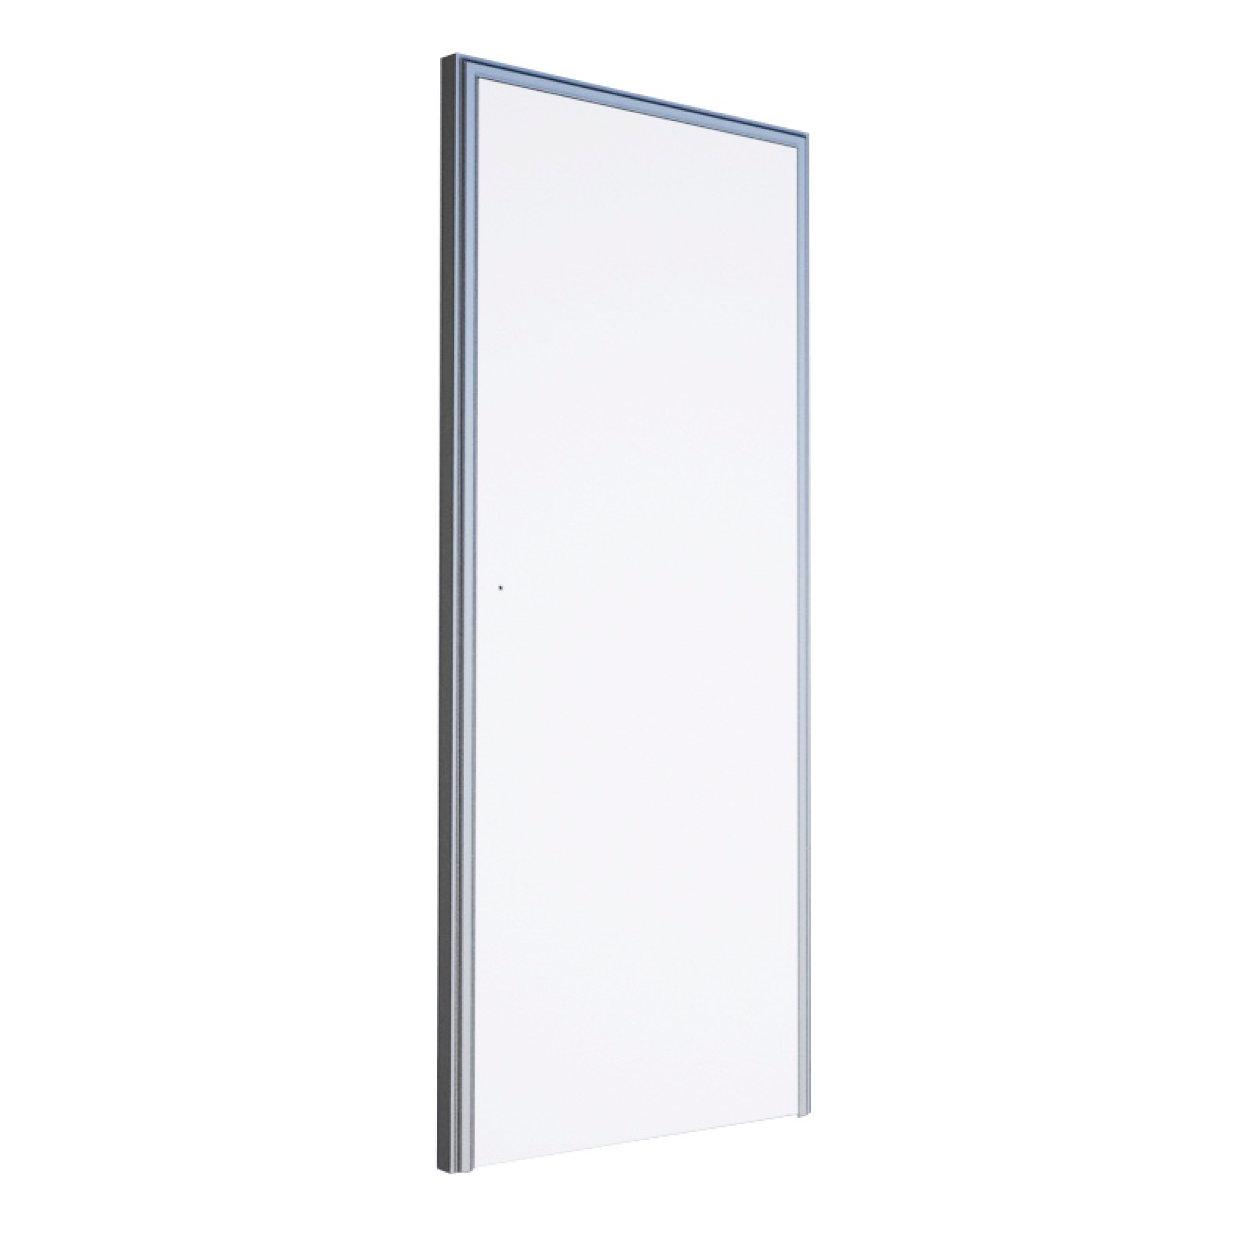 bloc porte sous tenture 3 bloc porte invisible valse blanc x cm poussant droit et. Black Bedroom Furniture Sets. Home Design Ideas